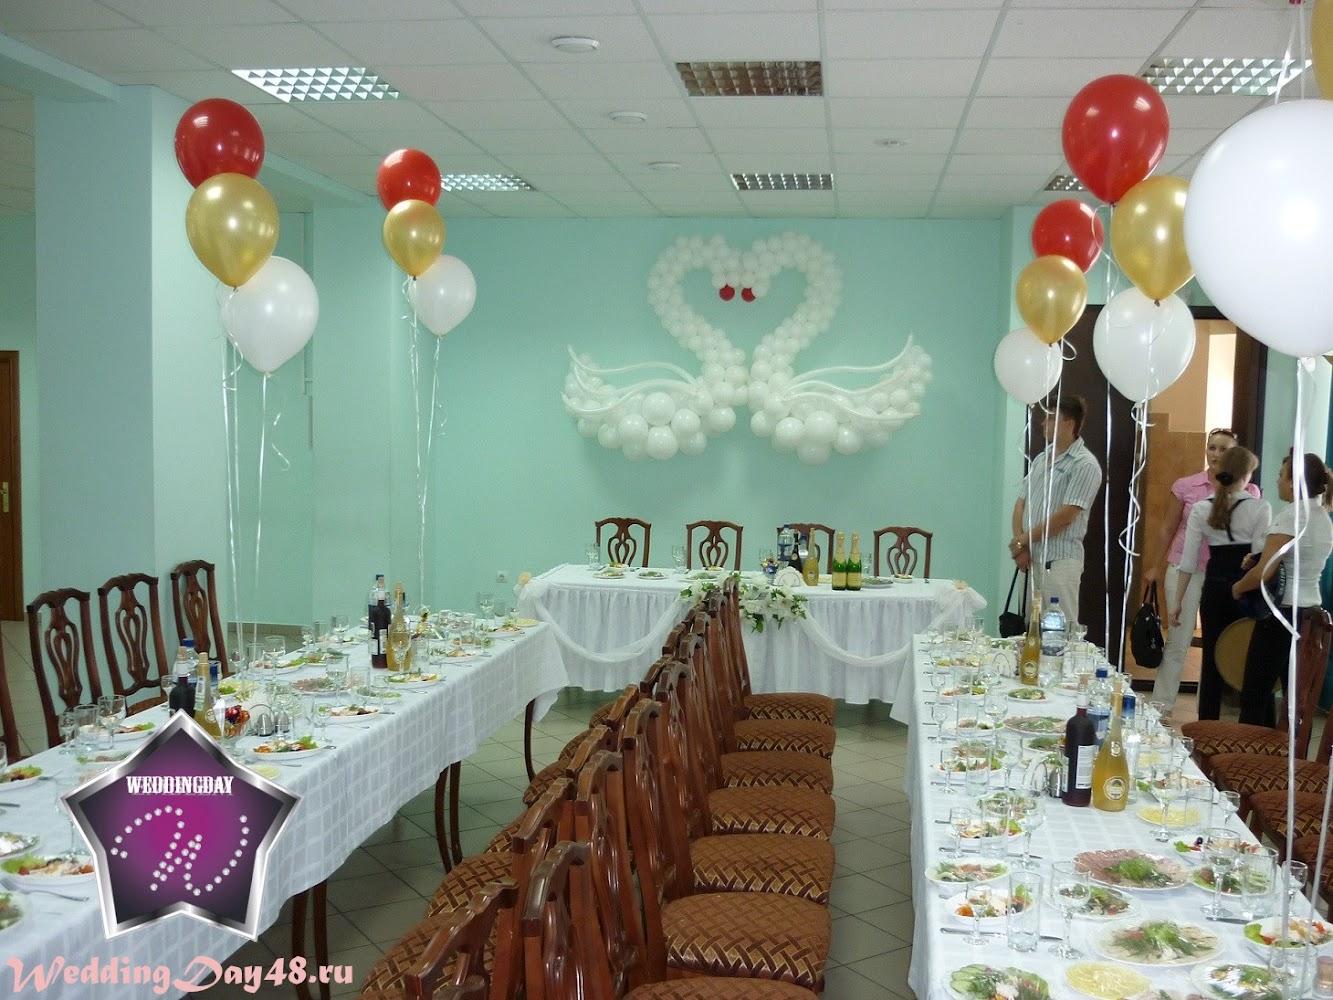 Как и чем можно украсить зал для свадьбы своими руками фото